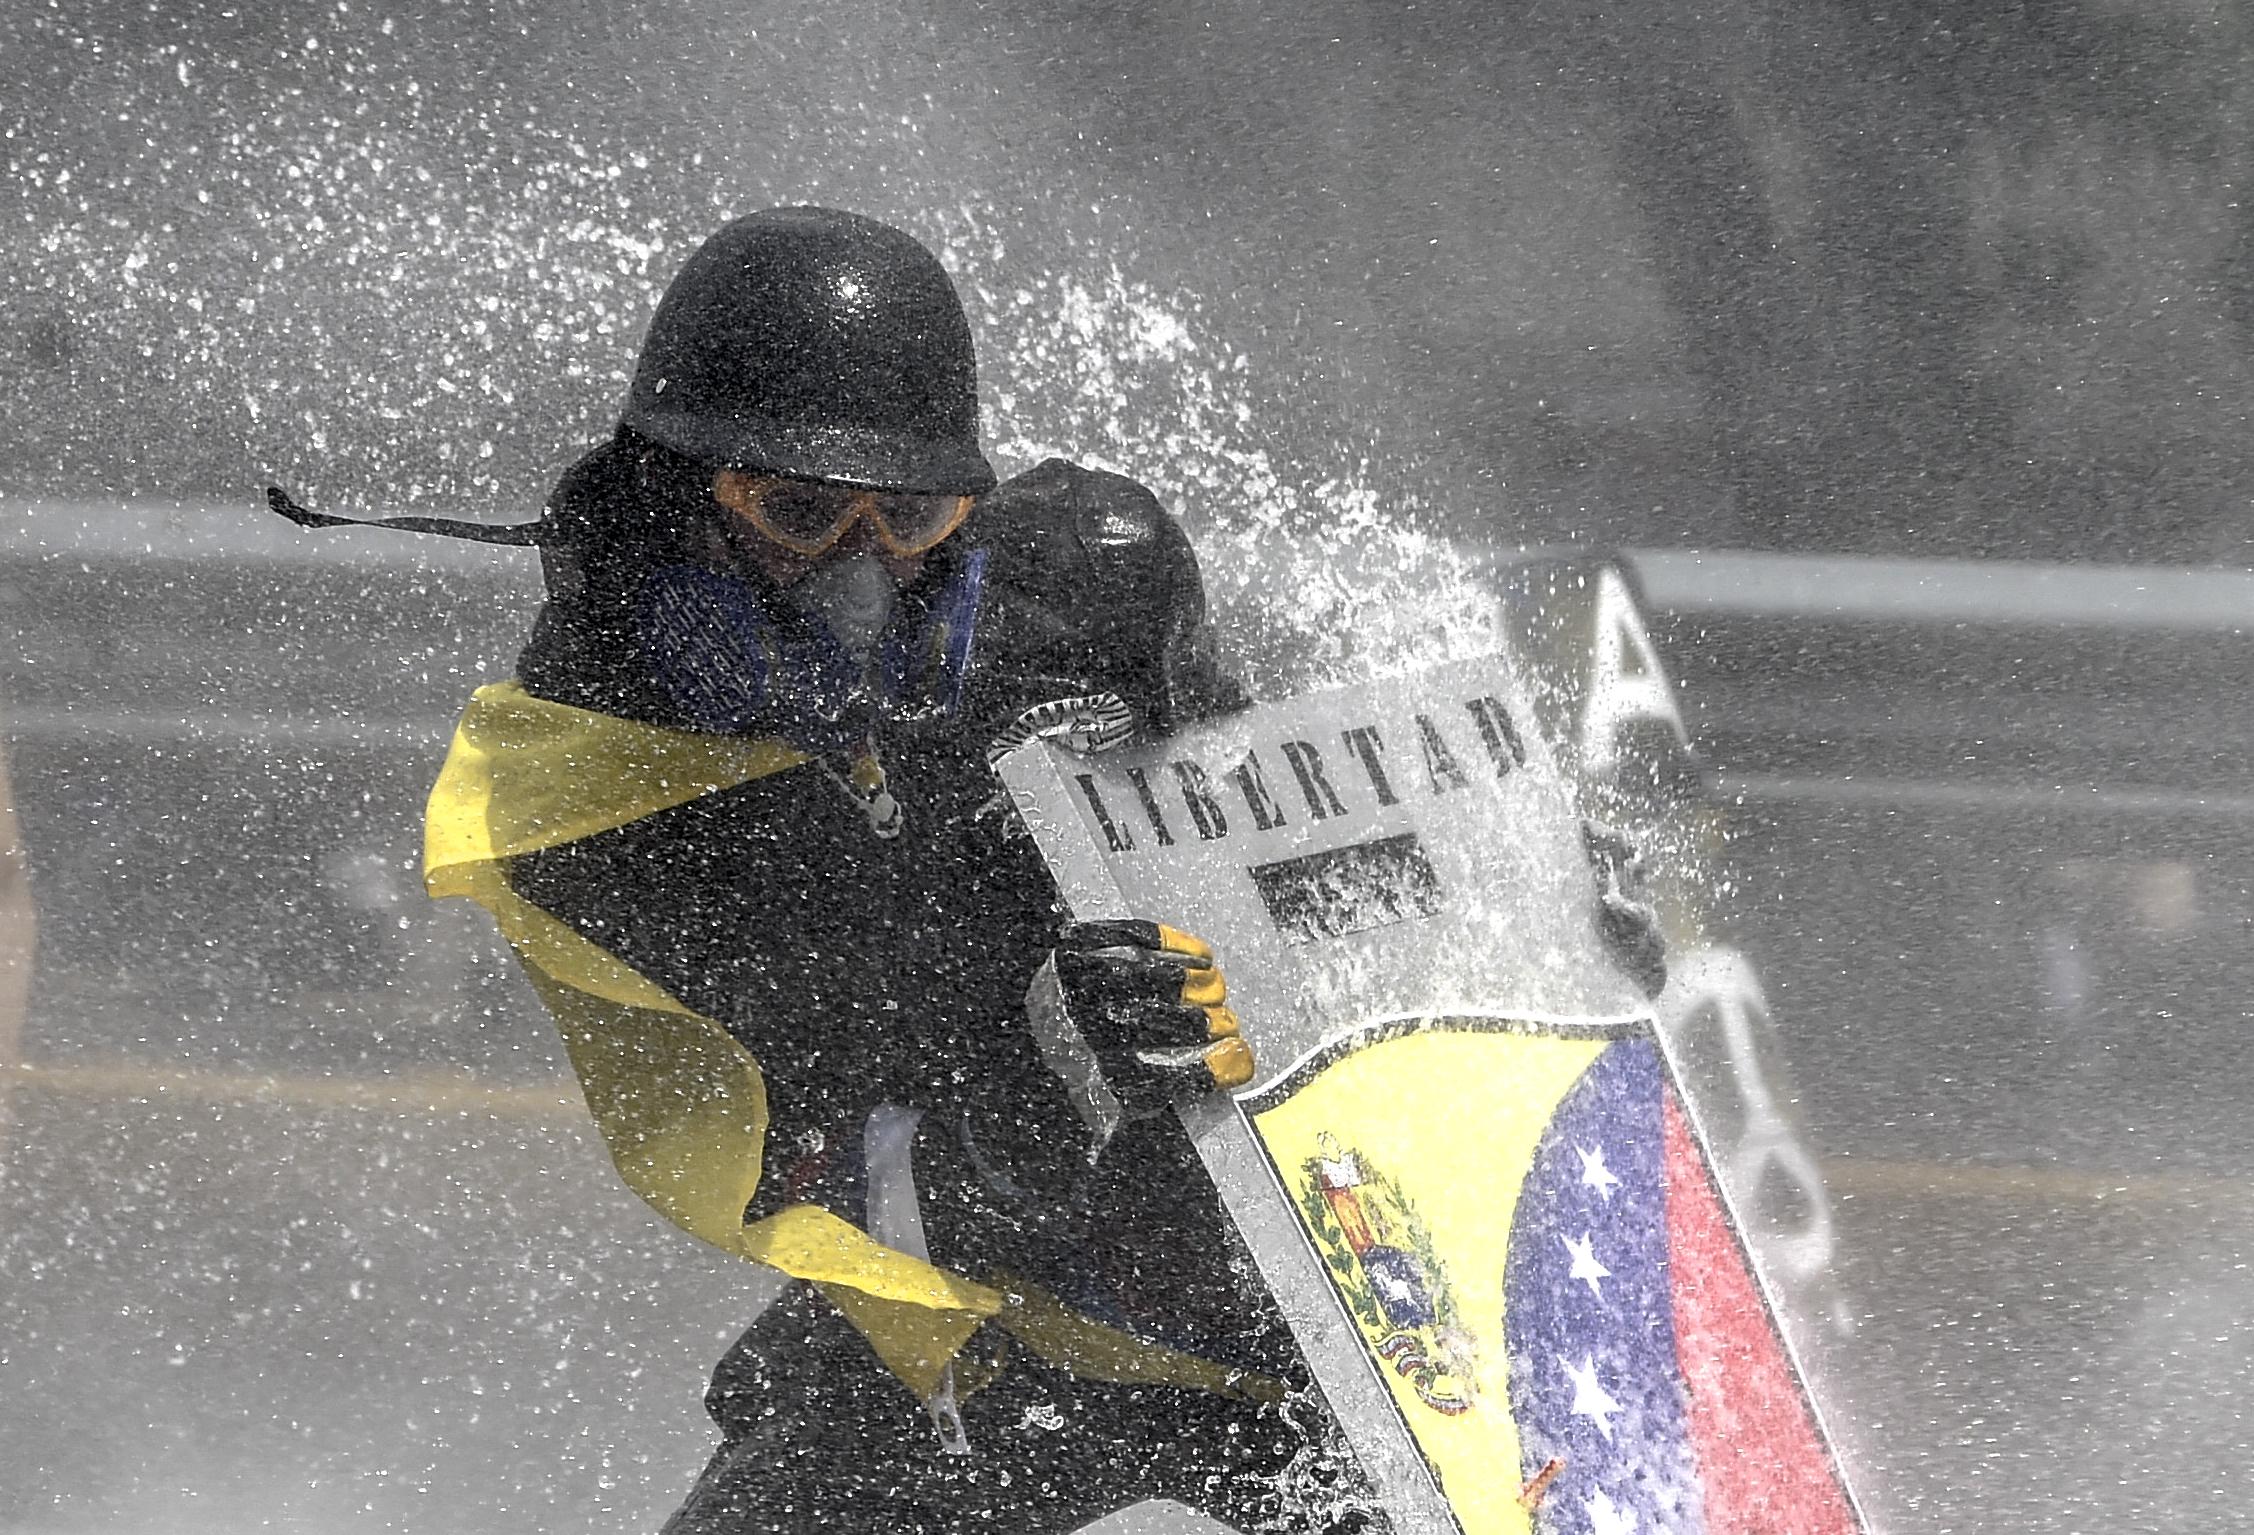 Dispersan protesta contra Asamblea Constituyente enVenezuela